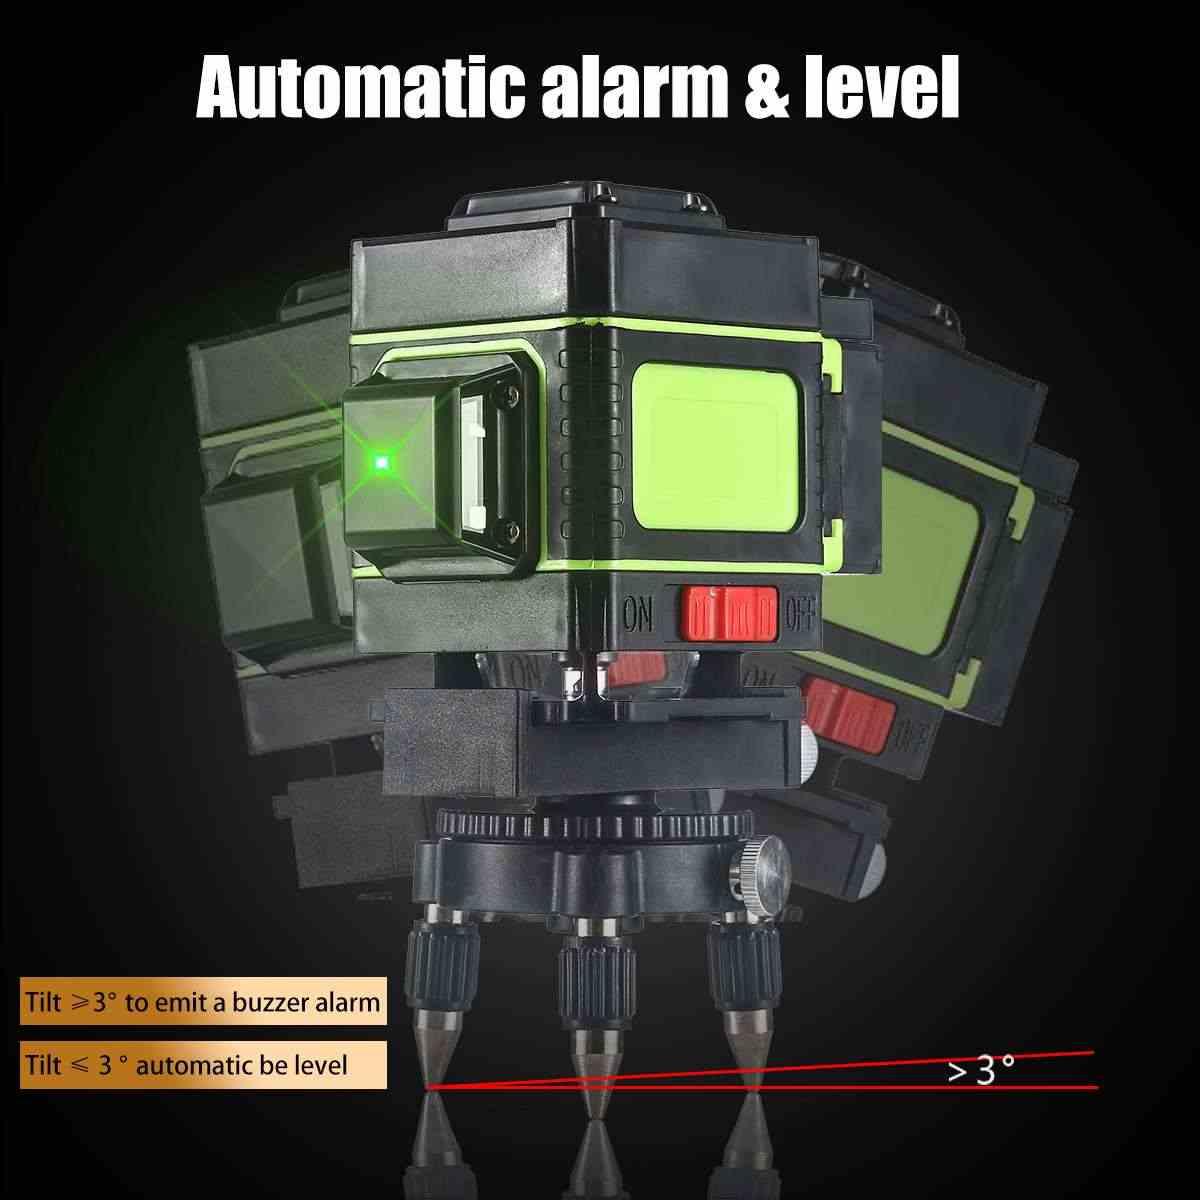 مستوى الليزر 12 خطوط مستوى ثلاثية الأبعاد التسوية الذاتية 360 درجة الروتاري الأفقي والرأسي عبر مستوى الليزر الأزرق مع جهاز التحكم عن بعد